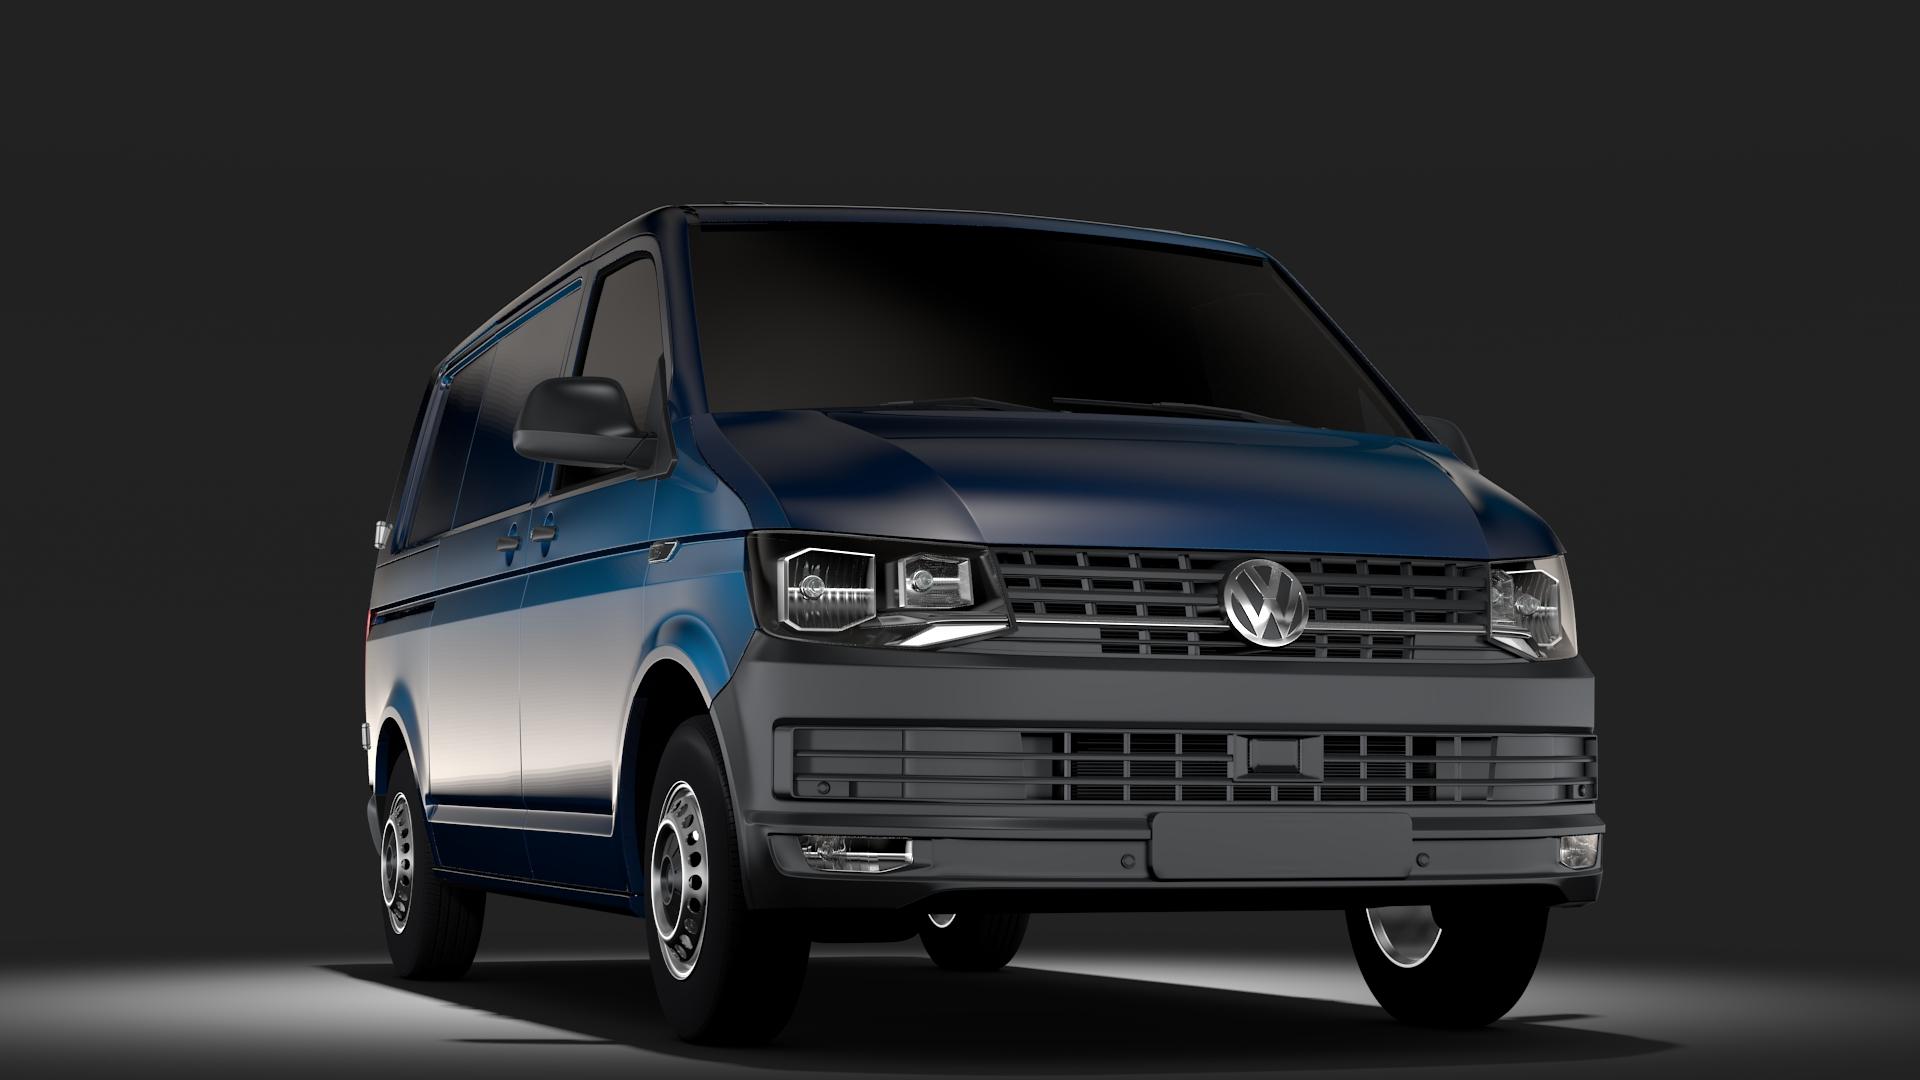 volkswagen transporter van l1h1 t6 2017 3d model fbx c4d lwo ma mb hrc xsi obj 275120